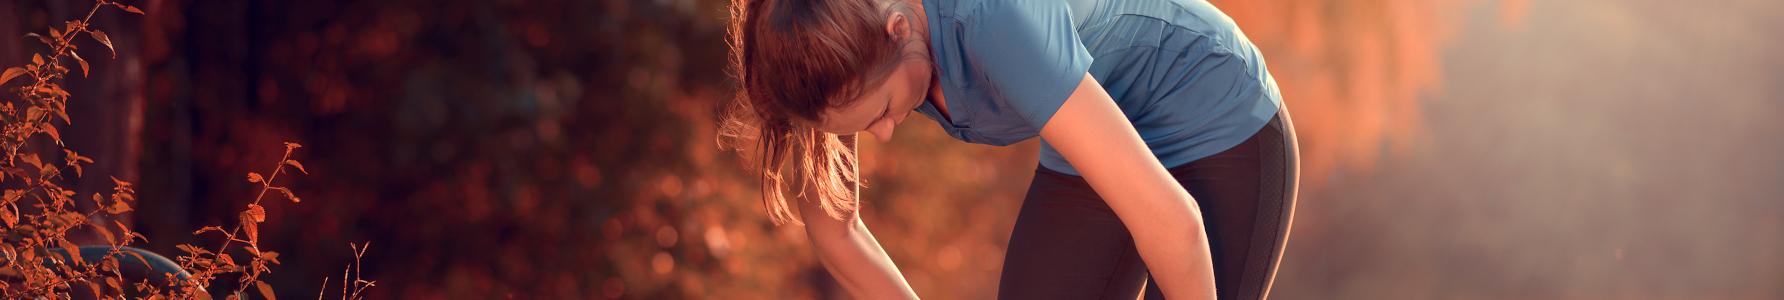 Przetrenowana kobieta podczas biegania